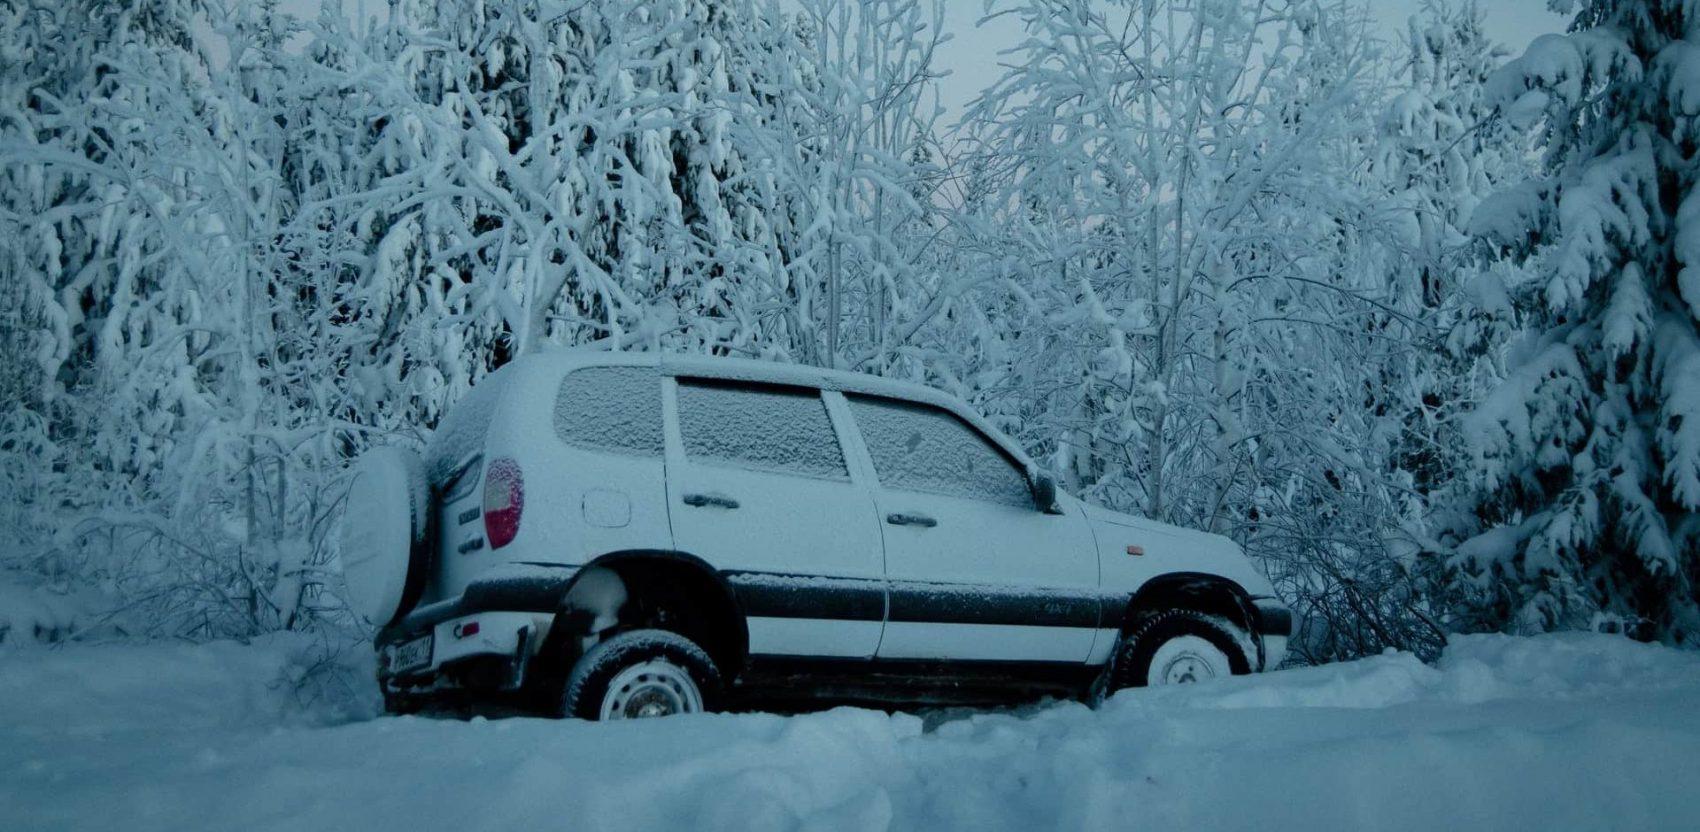 stranded, car stuck in snow,